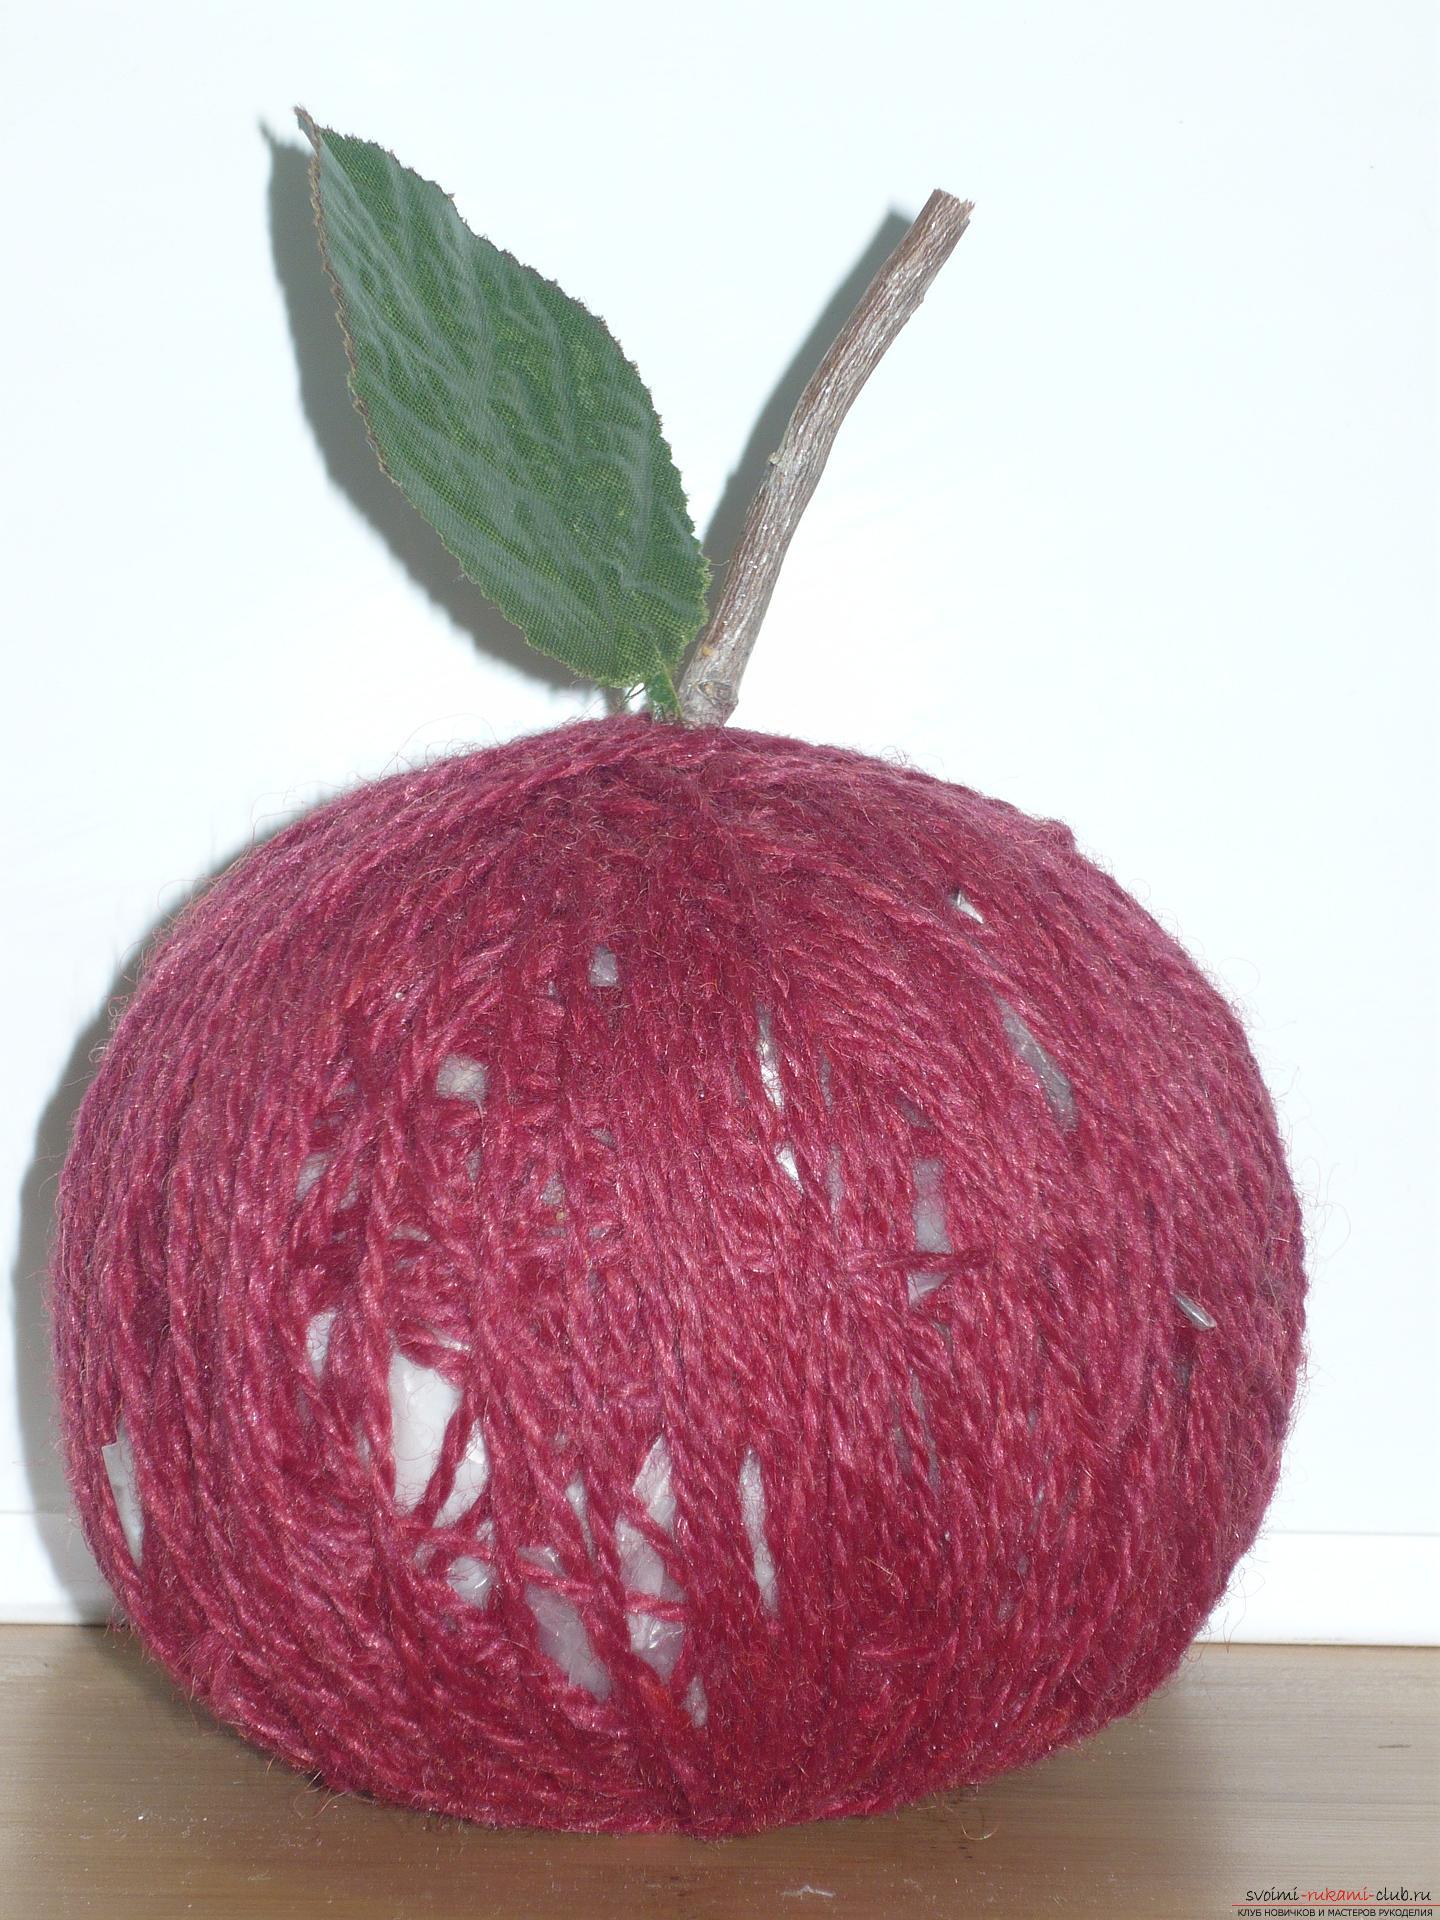 Этот мастер-класс подскажет как создать яблоко из монет своими руками